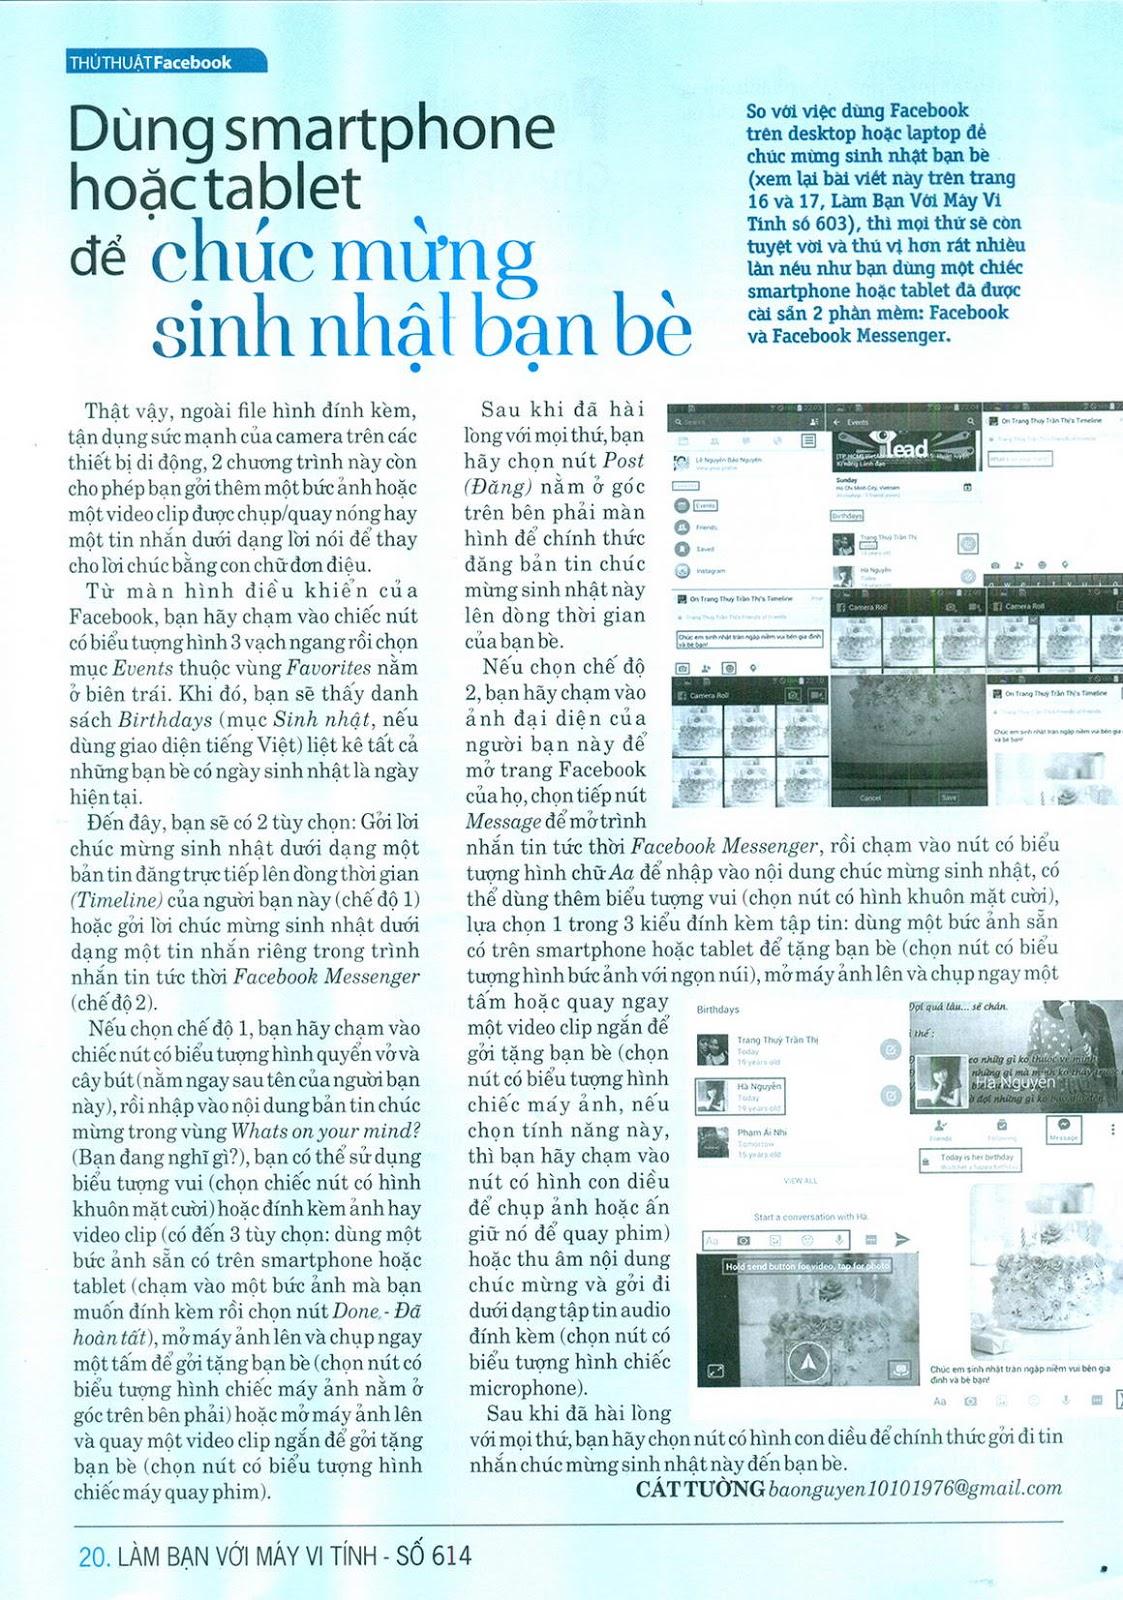 Lam ban vo may vi tinh 614 - tapchicntt.com